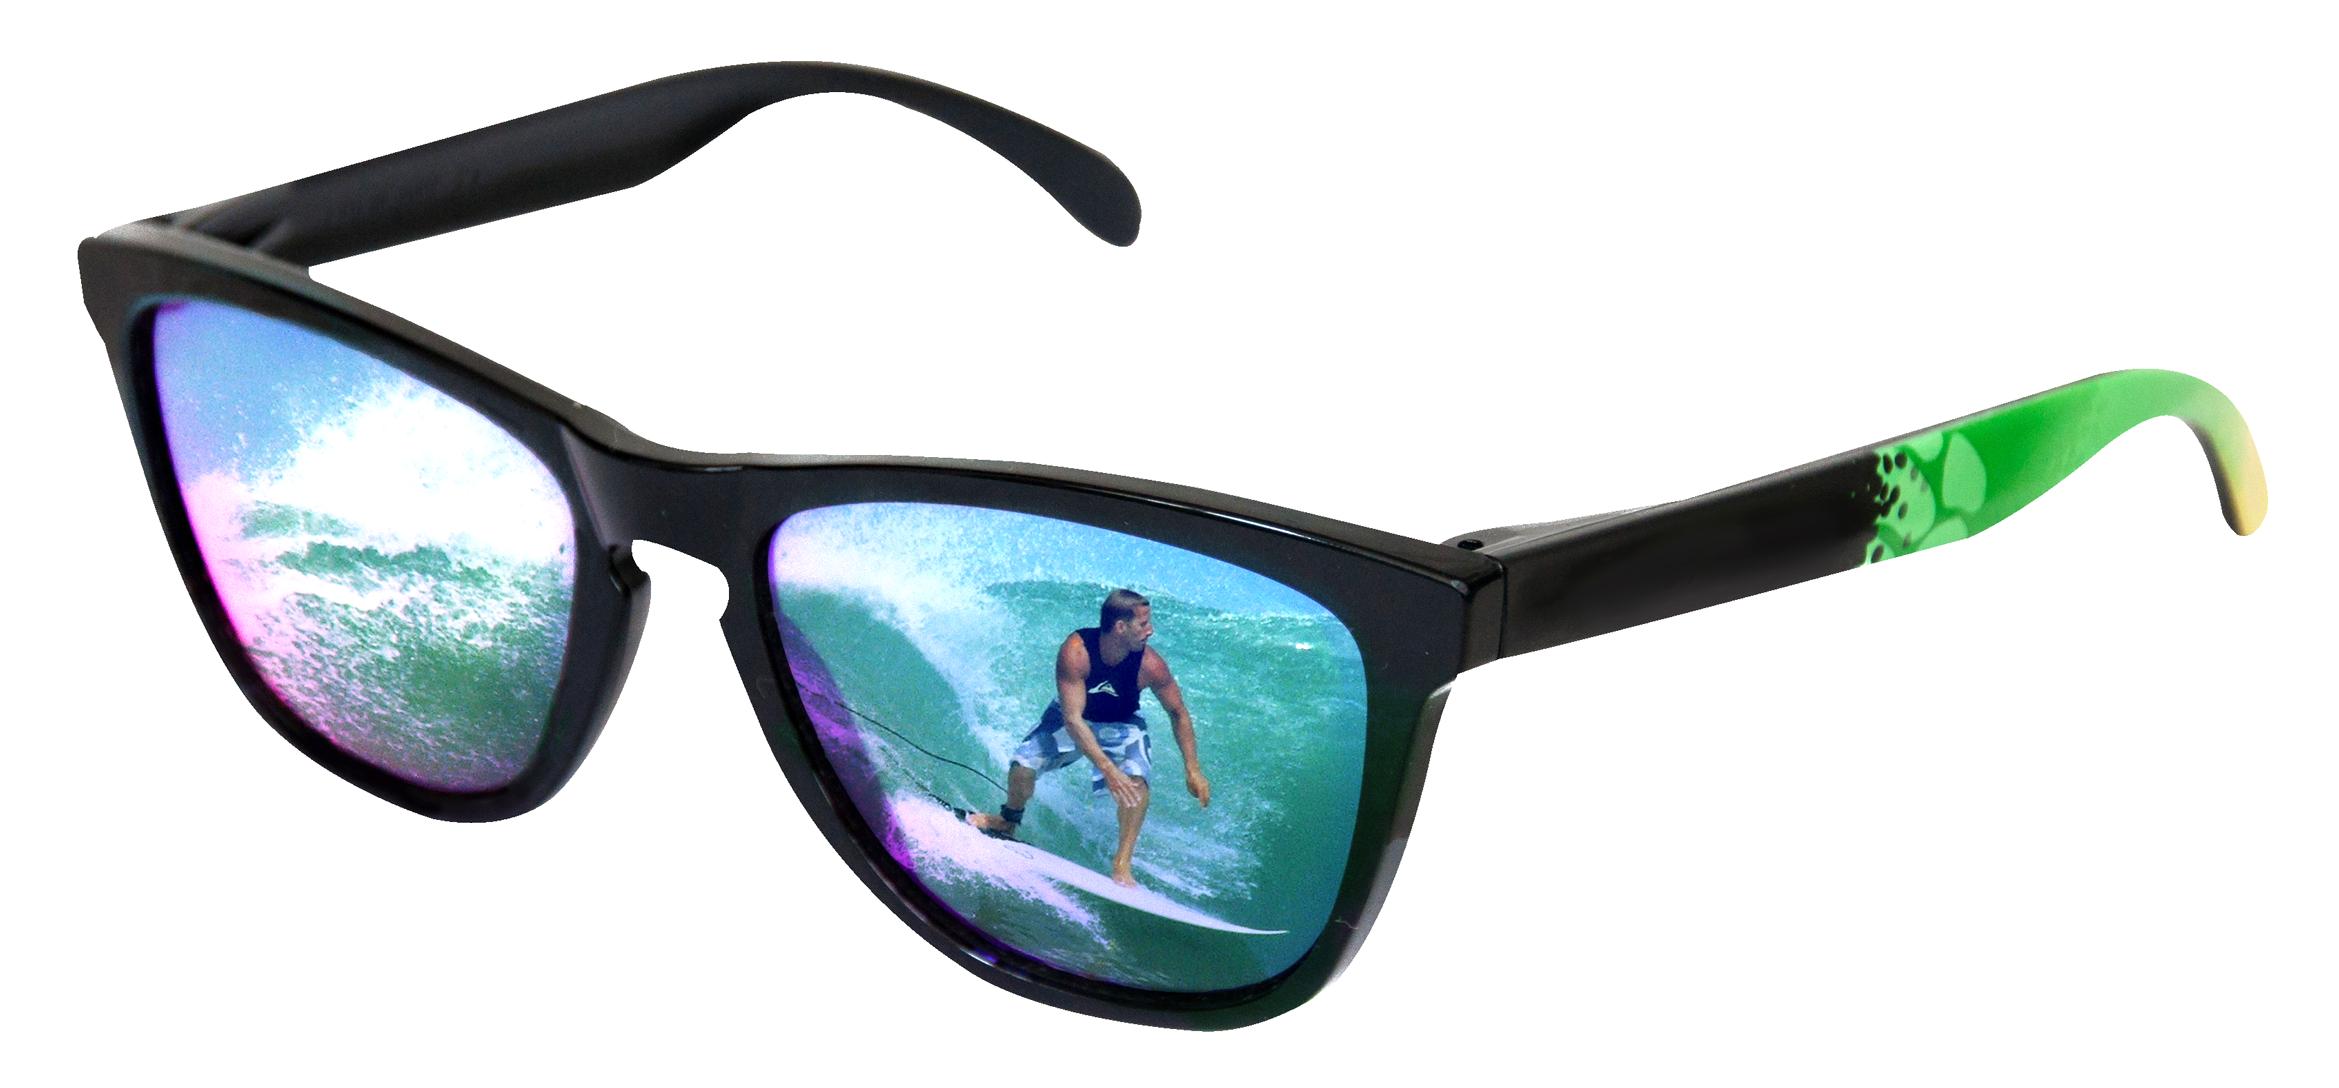 Glasses HD PNG - 96267